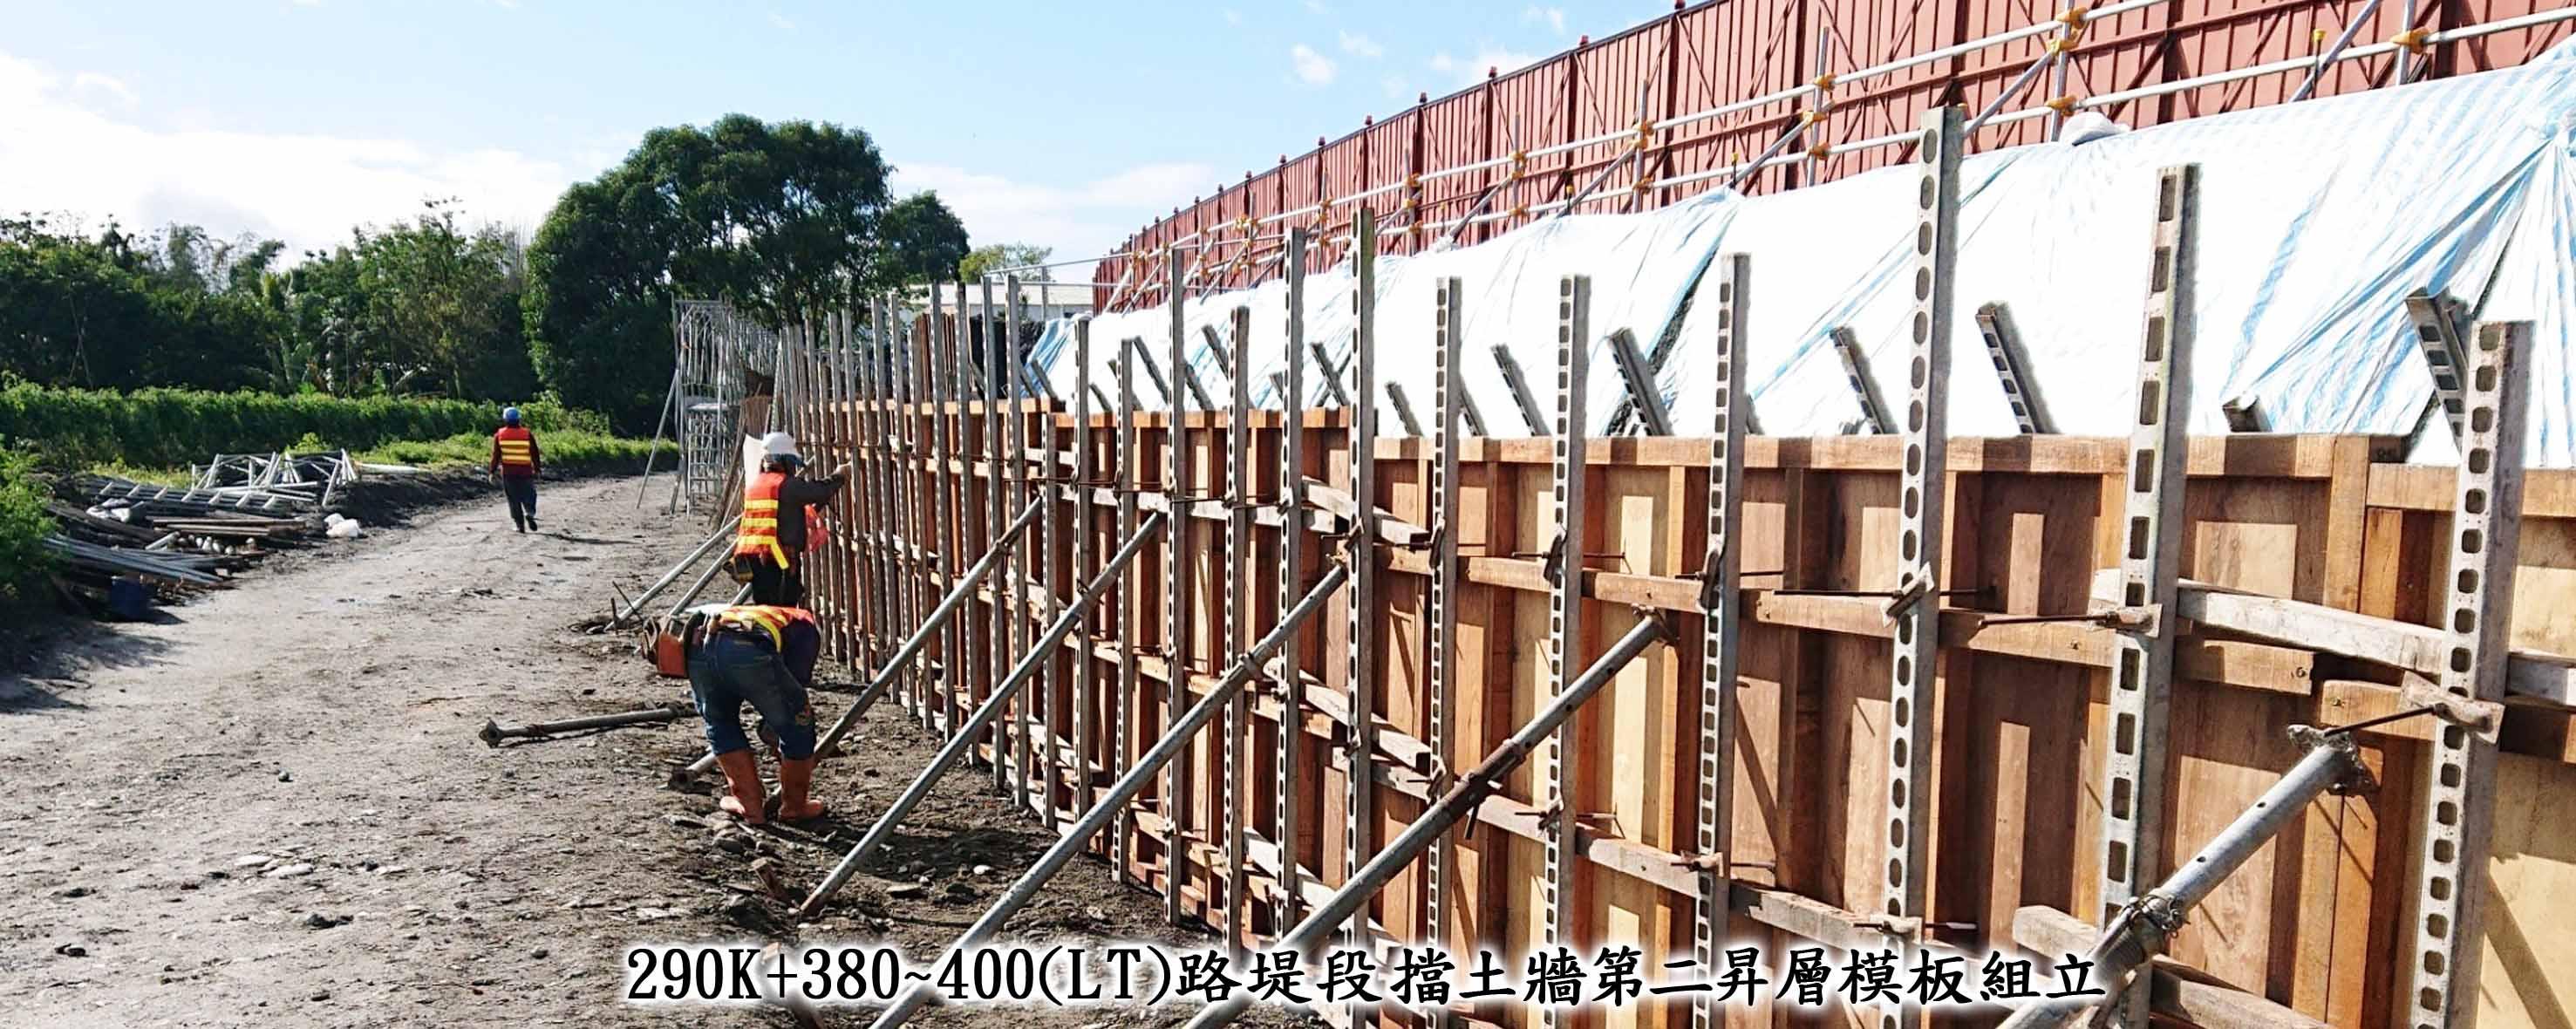 290K+380~400(LT)路堤段擋土牆第二昇層模板組立